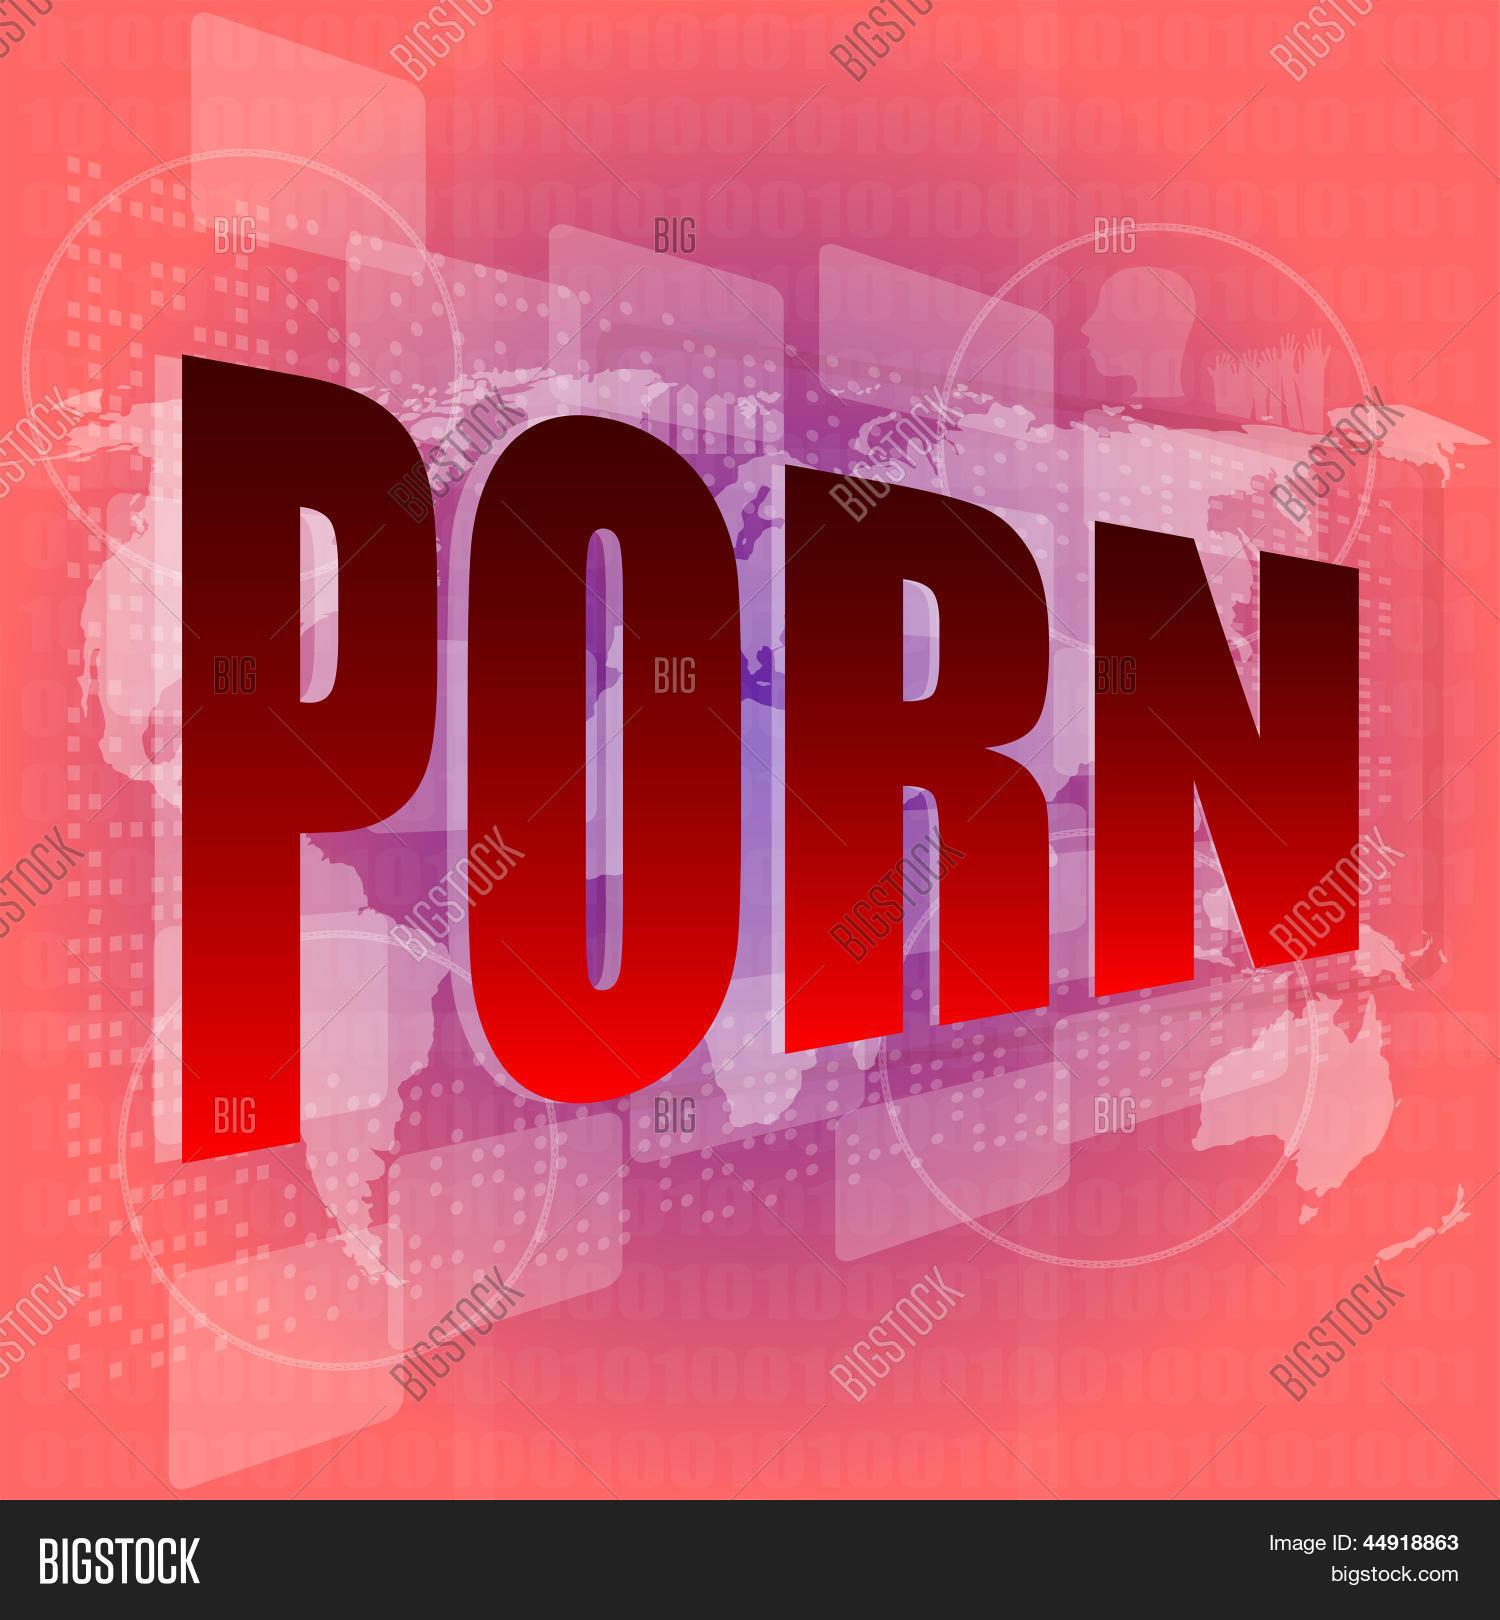 Palabras clave porno Imagen Y Foto Palabra Porno En Prueba Gratis Bigstock